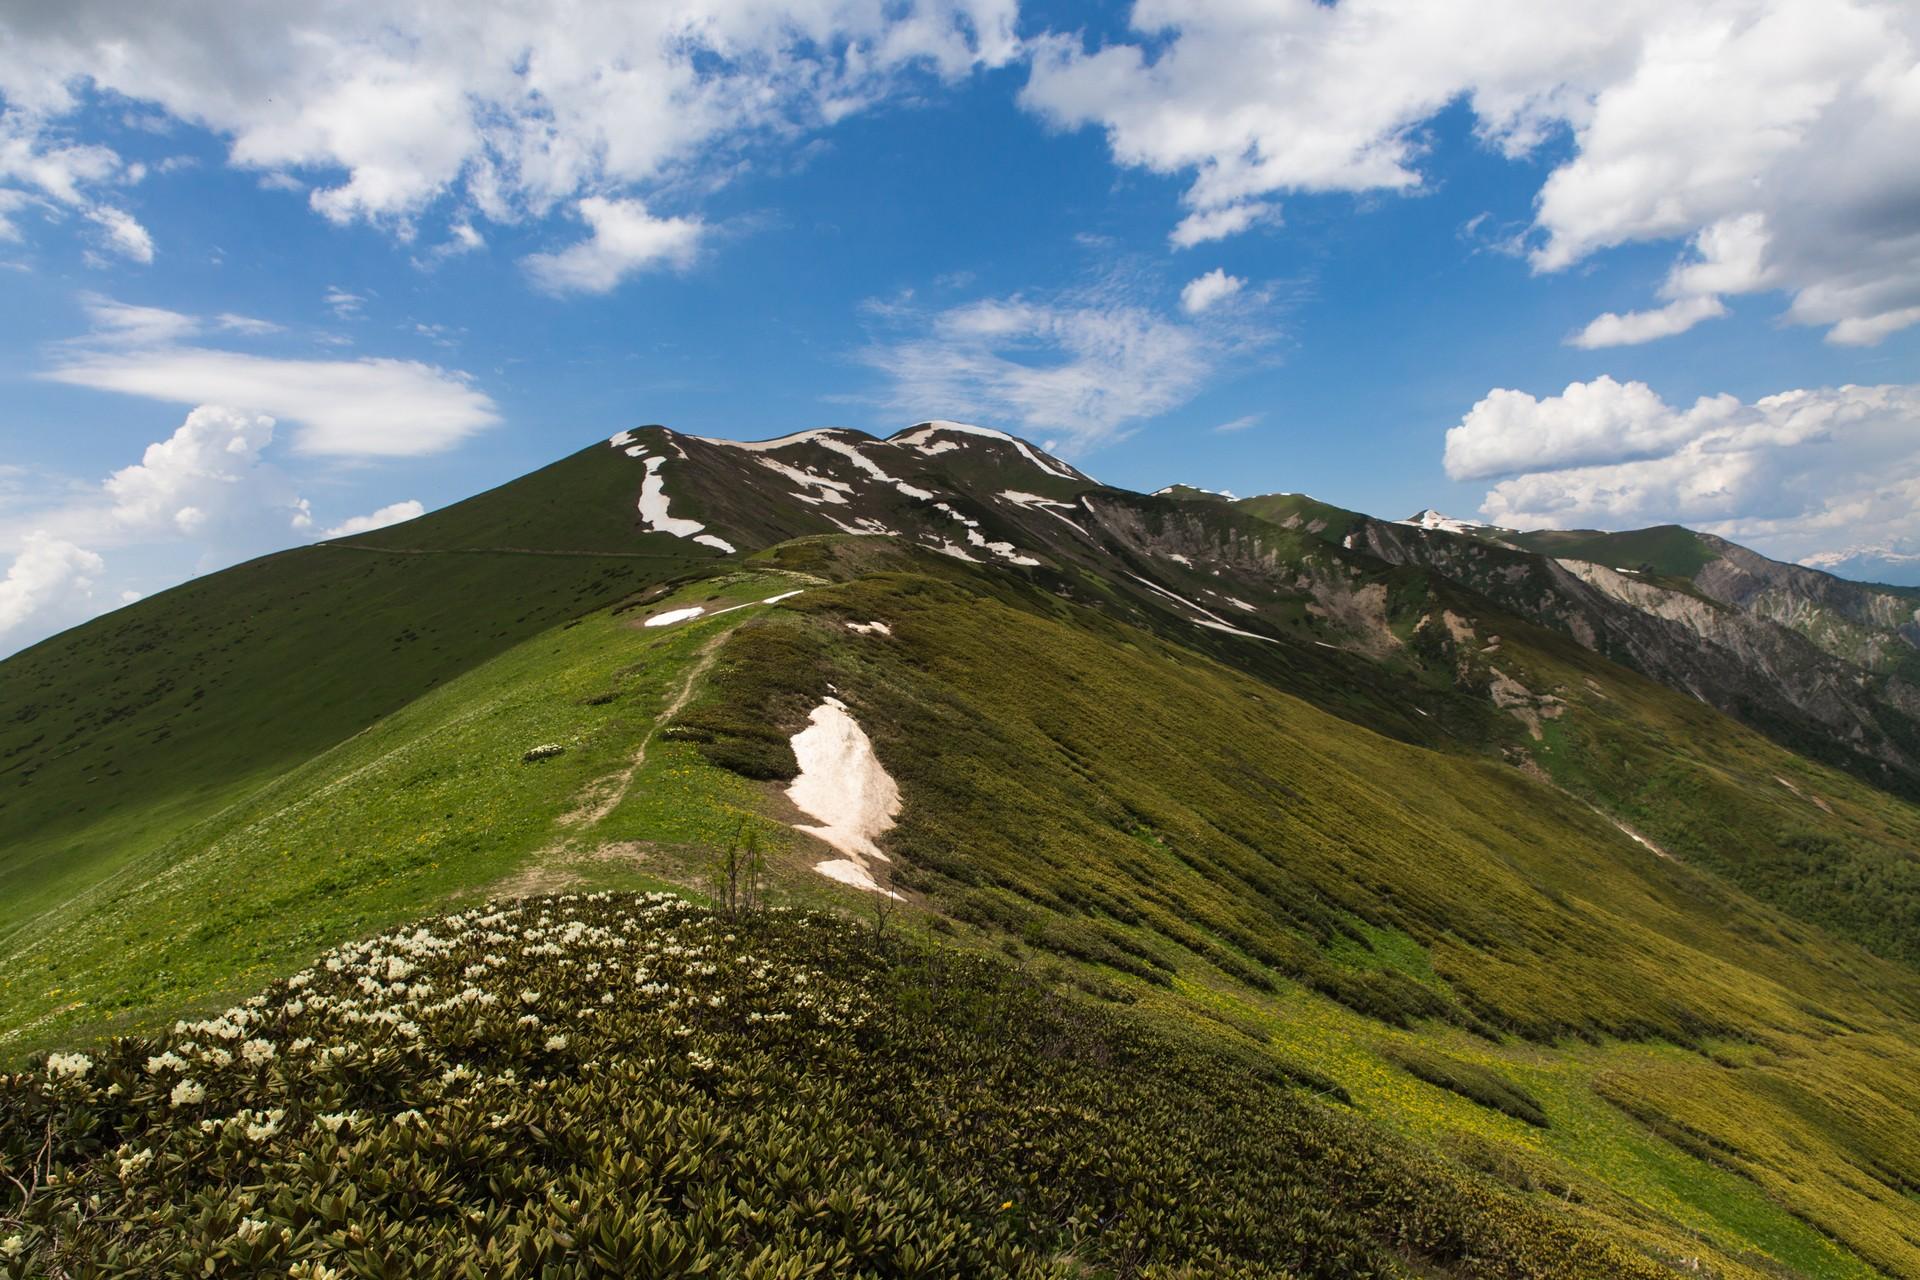 The Chkunderi Pass in the Svaneti region of Georgia